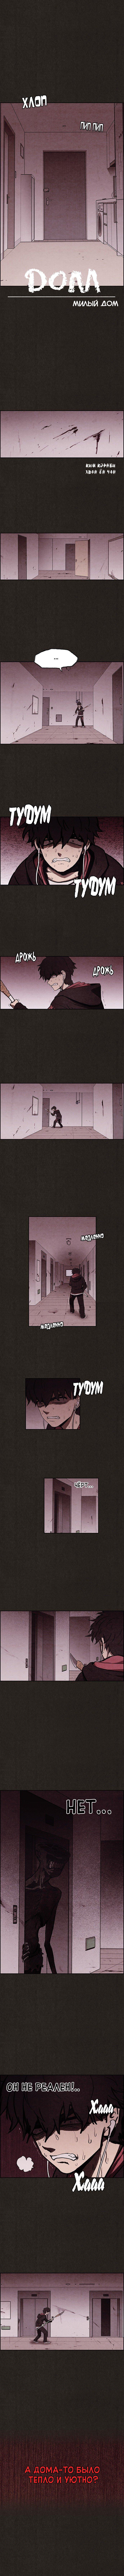 Манга Милый дом / Sweet Home (HWANG Youngchan) - Том 1 Глава 16 Страница 3